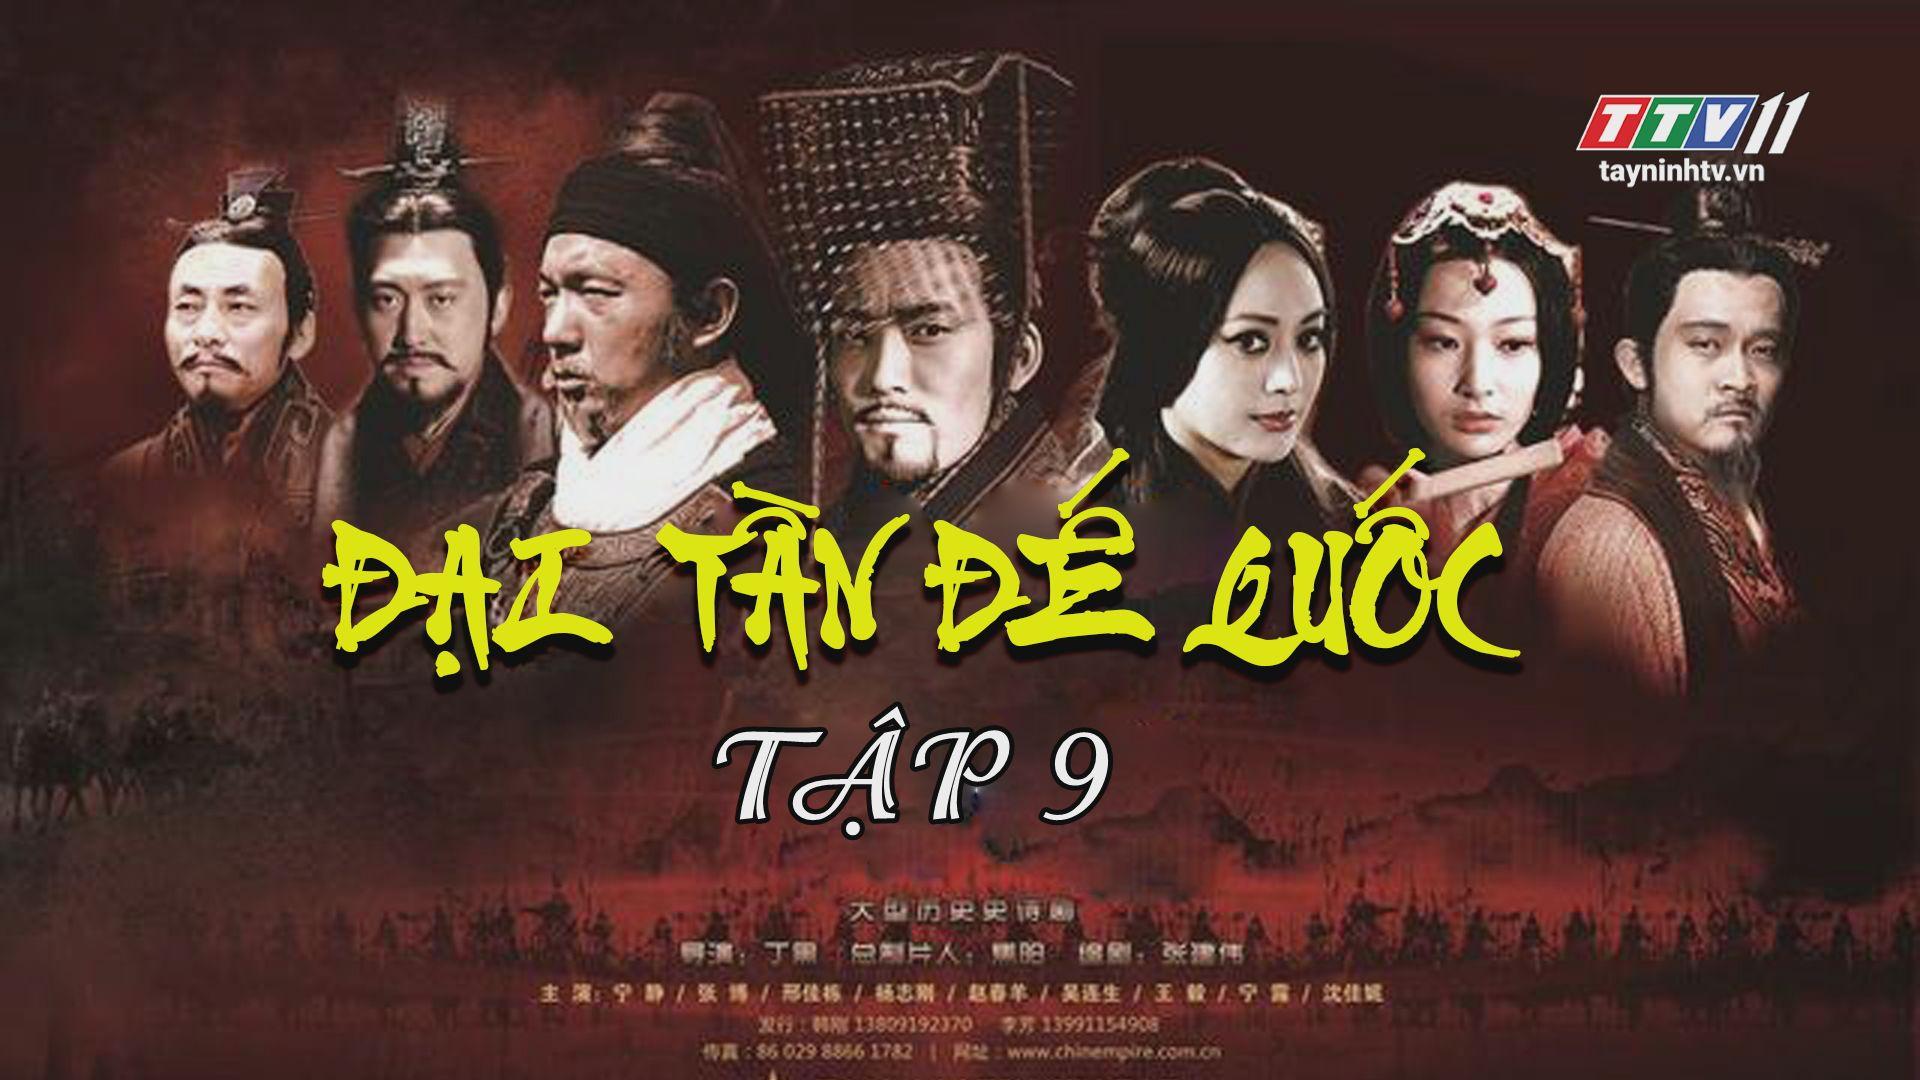 Tập 9 | ĐẠI TẦN ĐẾ QUỐC - Phần 3 | TayNinhTV